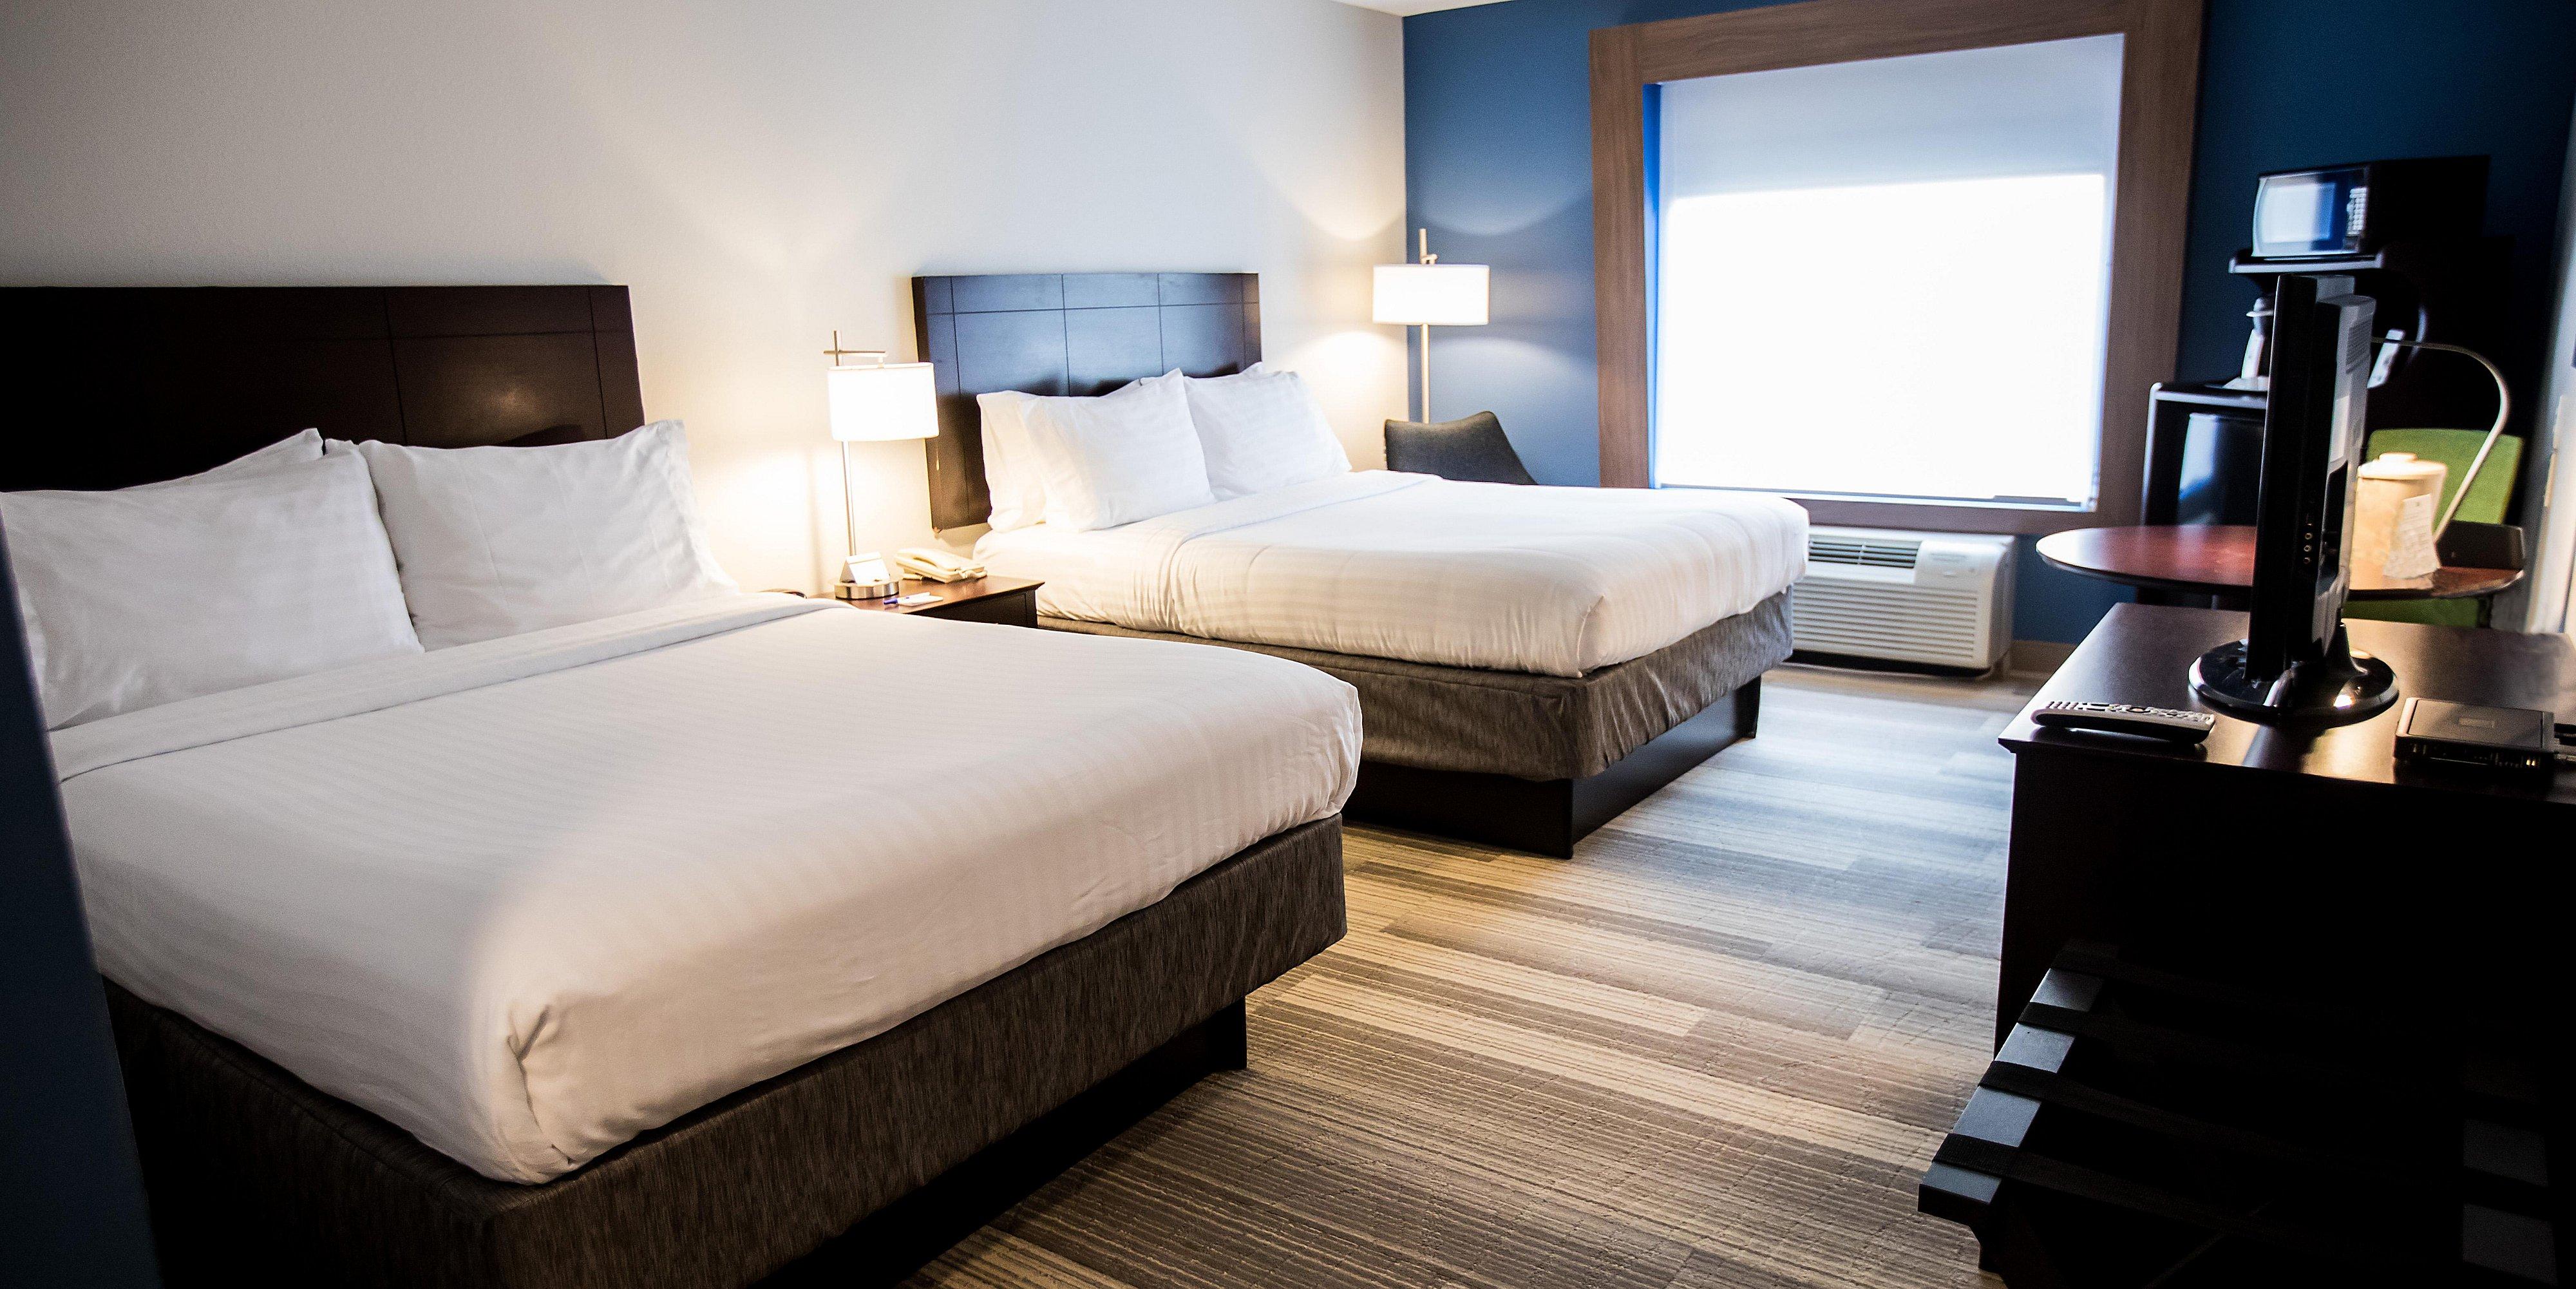 Holiday Inn Express Dayton Hotel by IHG